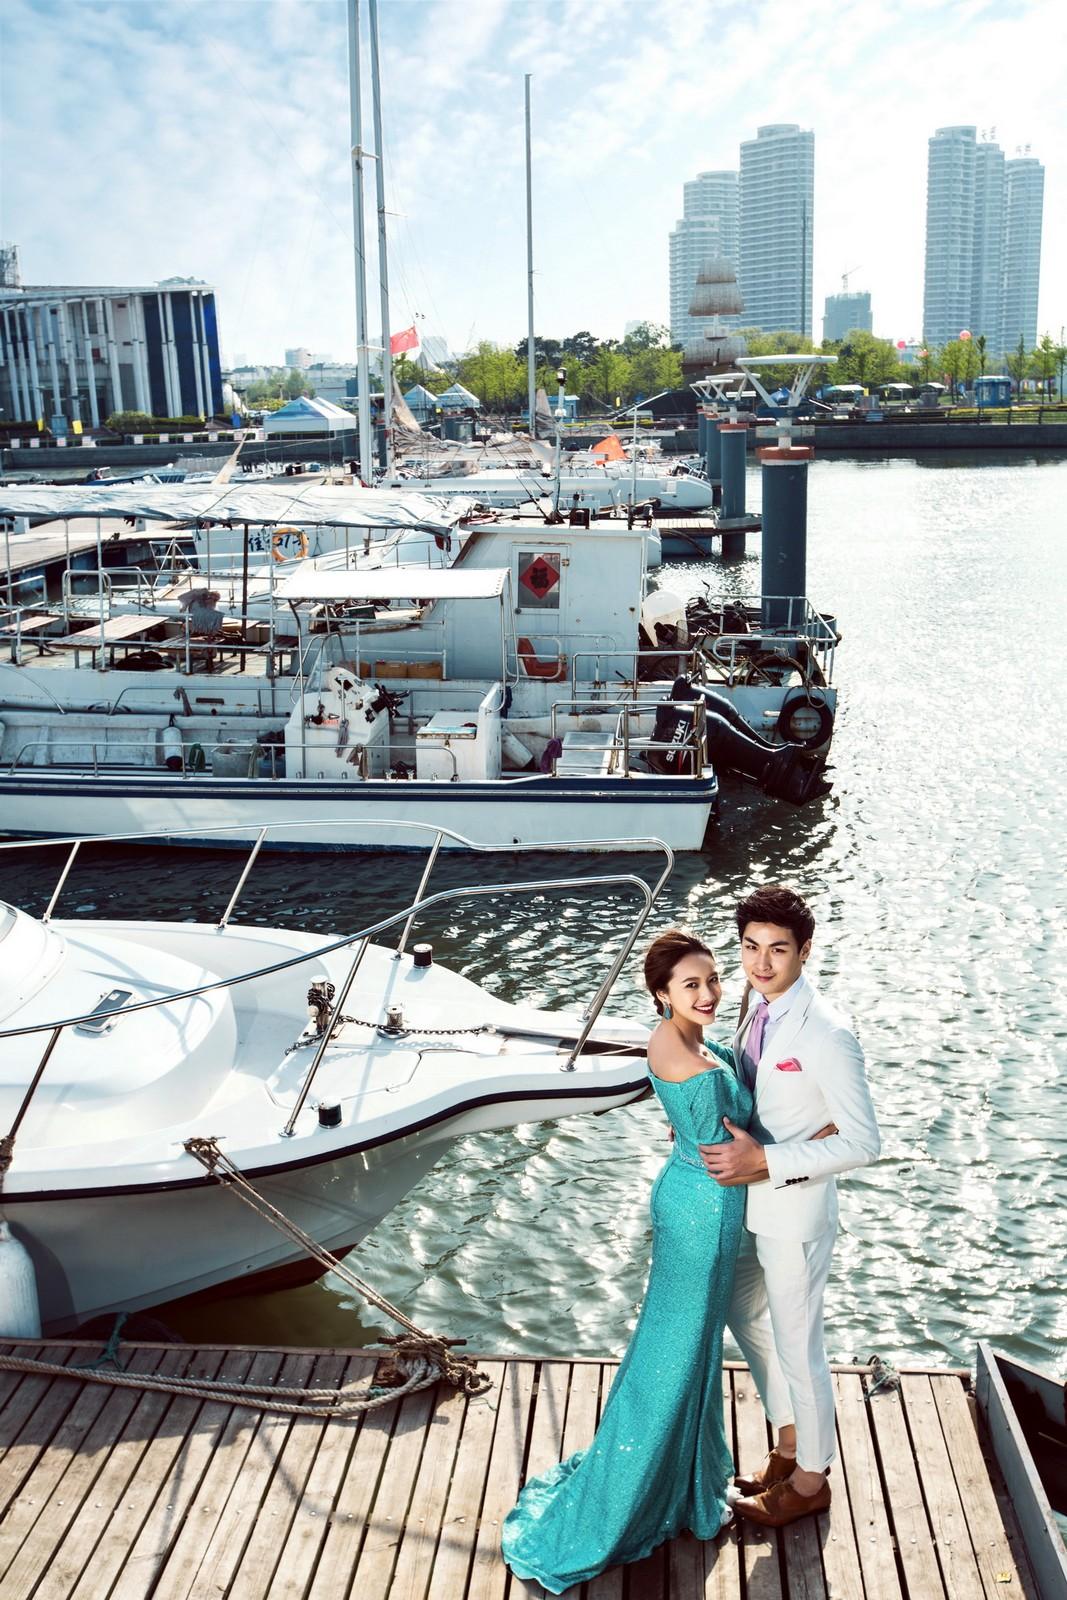 海外婚紗,日照拍婚紗,海外婚紗推薦,海外婚紗2020,a14